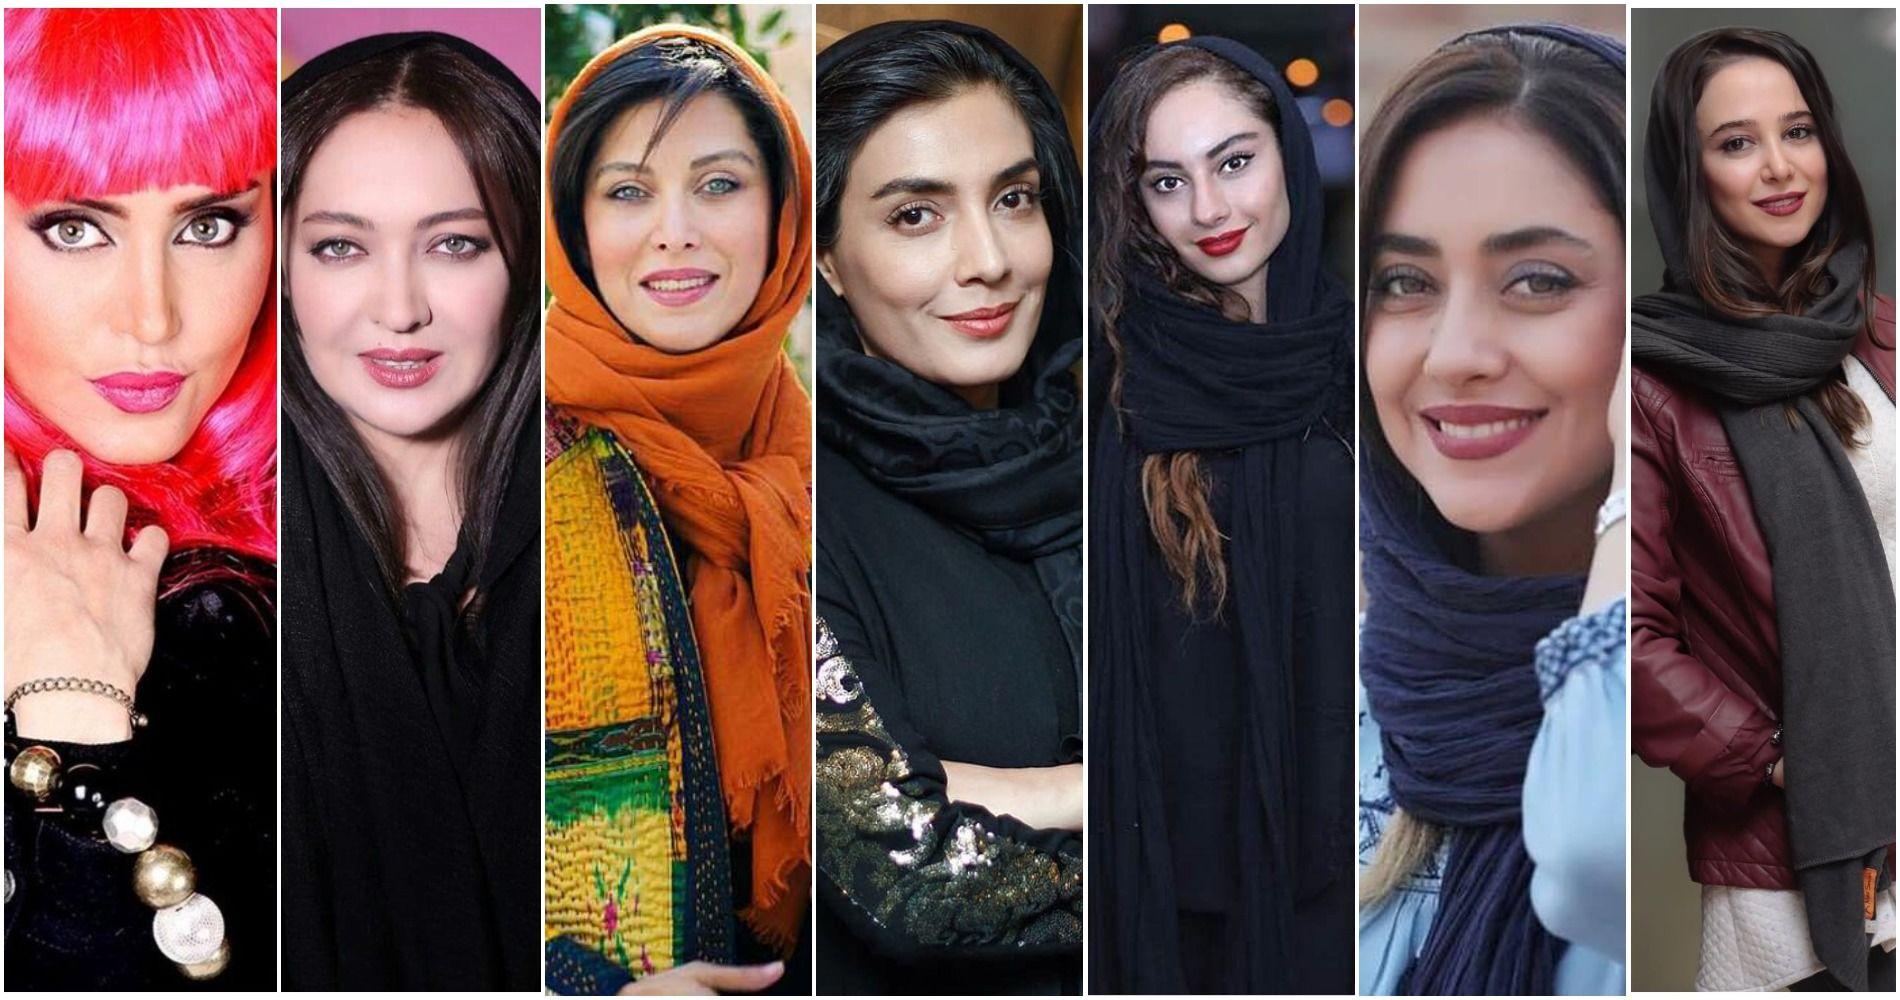 زیباترین بازیگران زن ایرانی | نیکی کریمی ، مهتاب کرامتی ، ساره بیات ، بهاره کیان افشار، الناز حبیبی ، ترلان پروانه ، لیلا زارع ، الناز شاکردوست